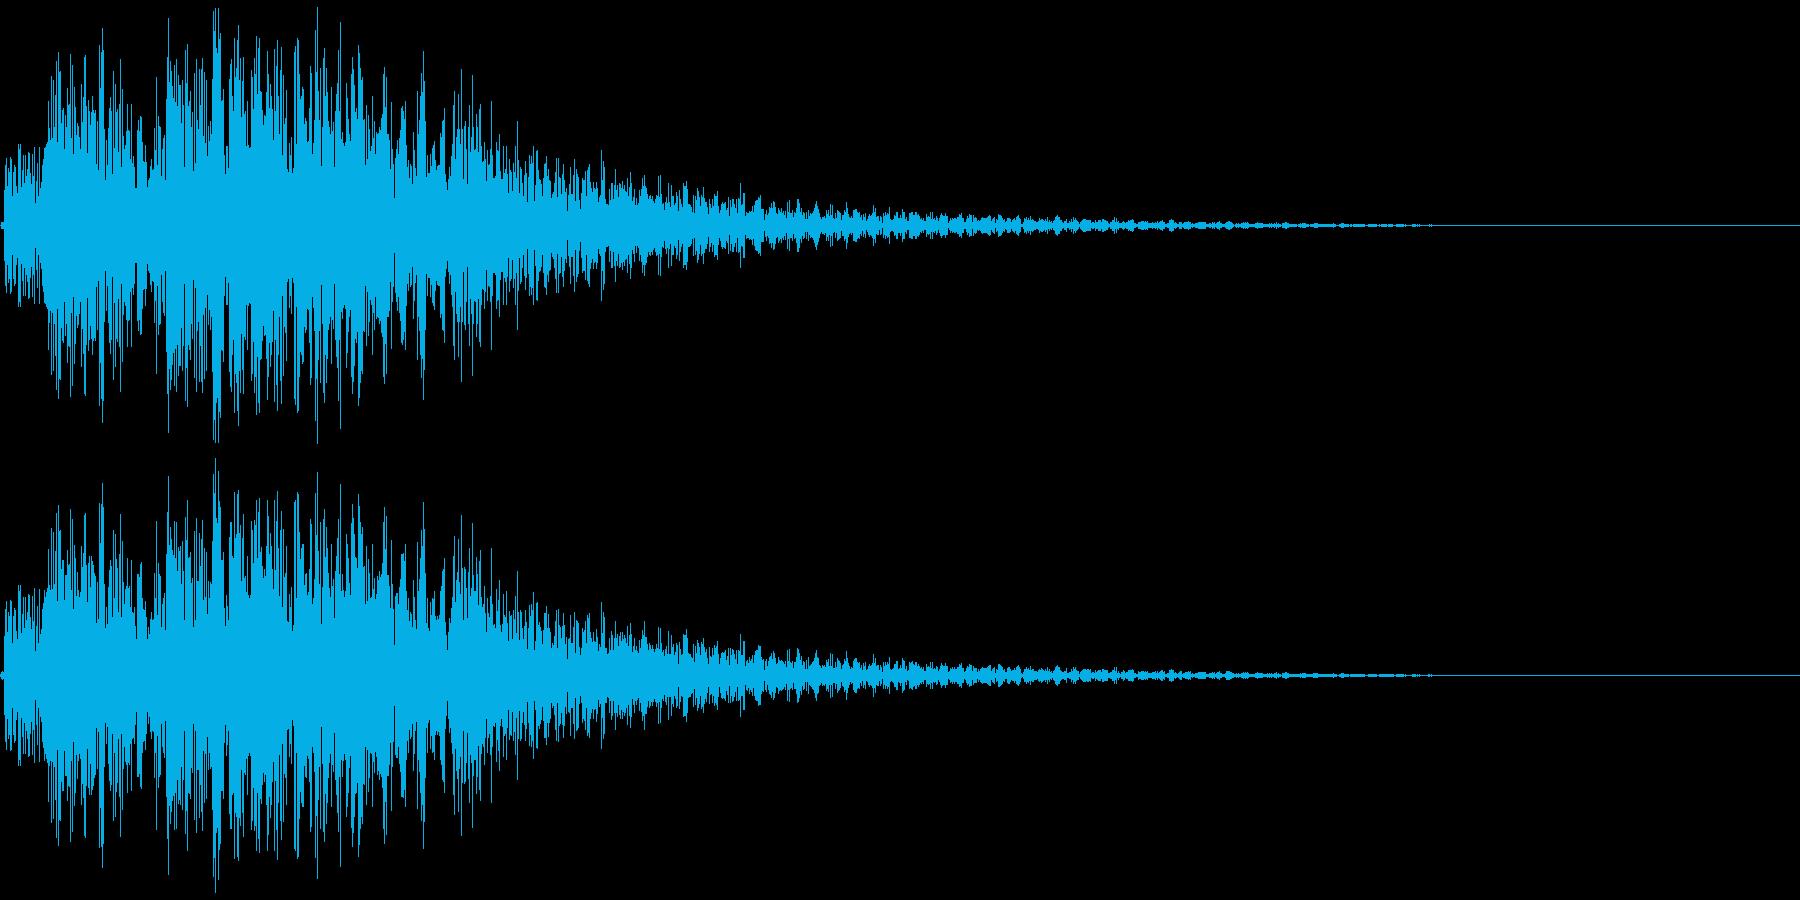 テレレレン↑ 琴 速い上昇の再生済みの波形